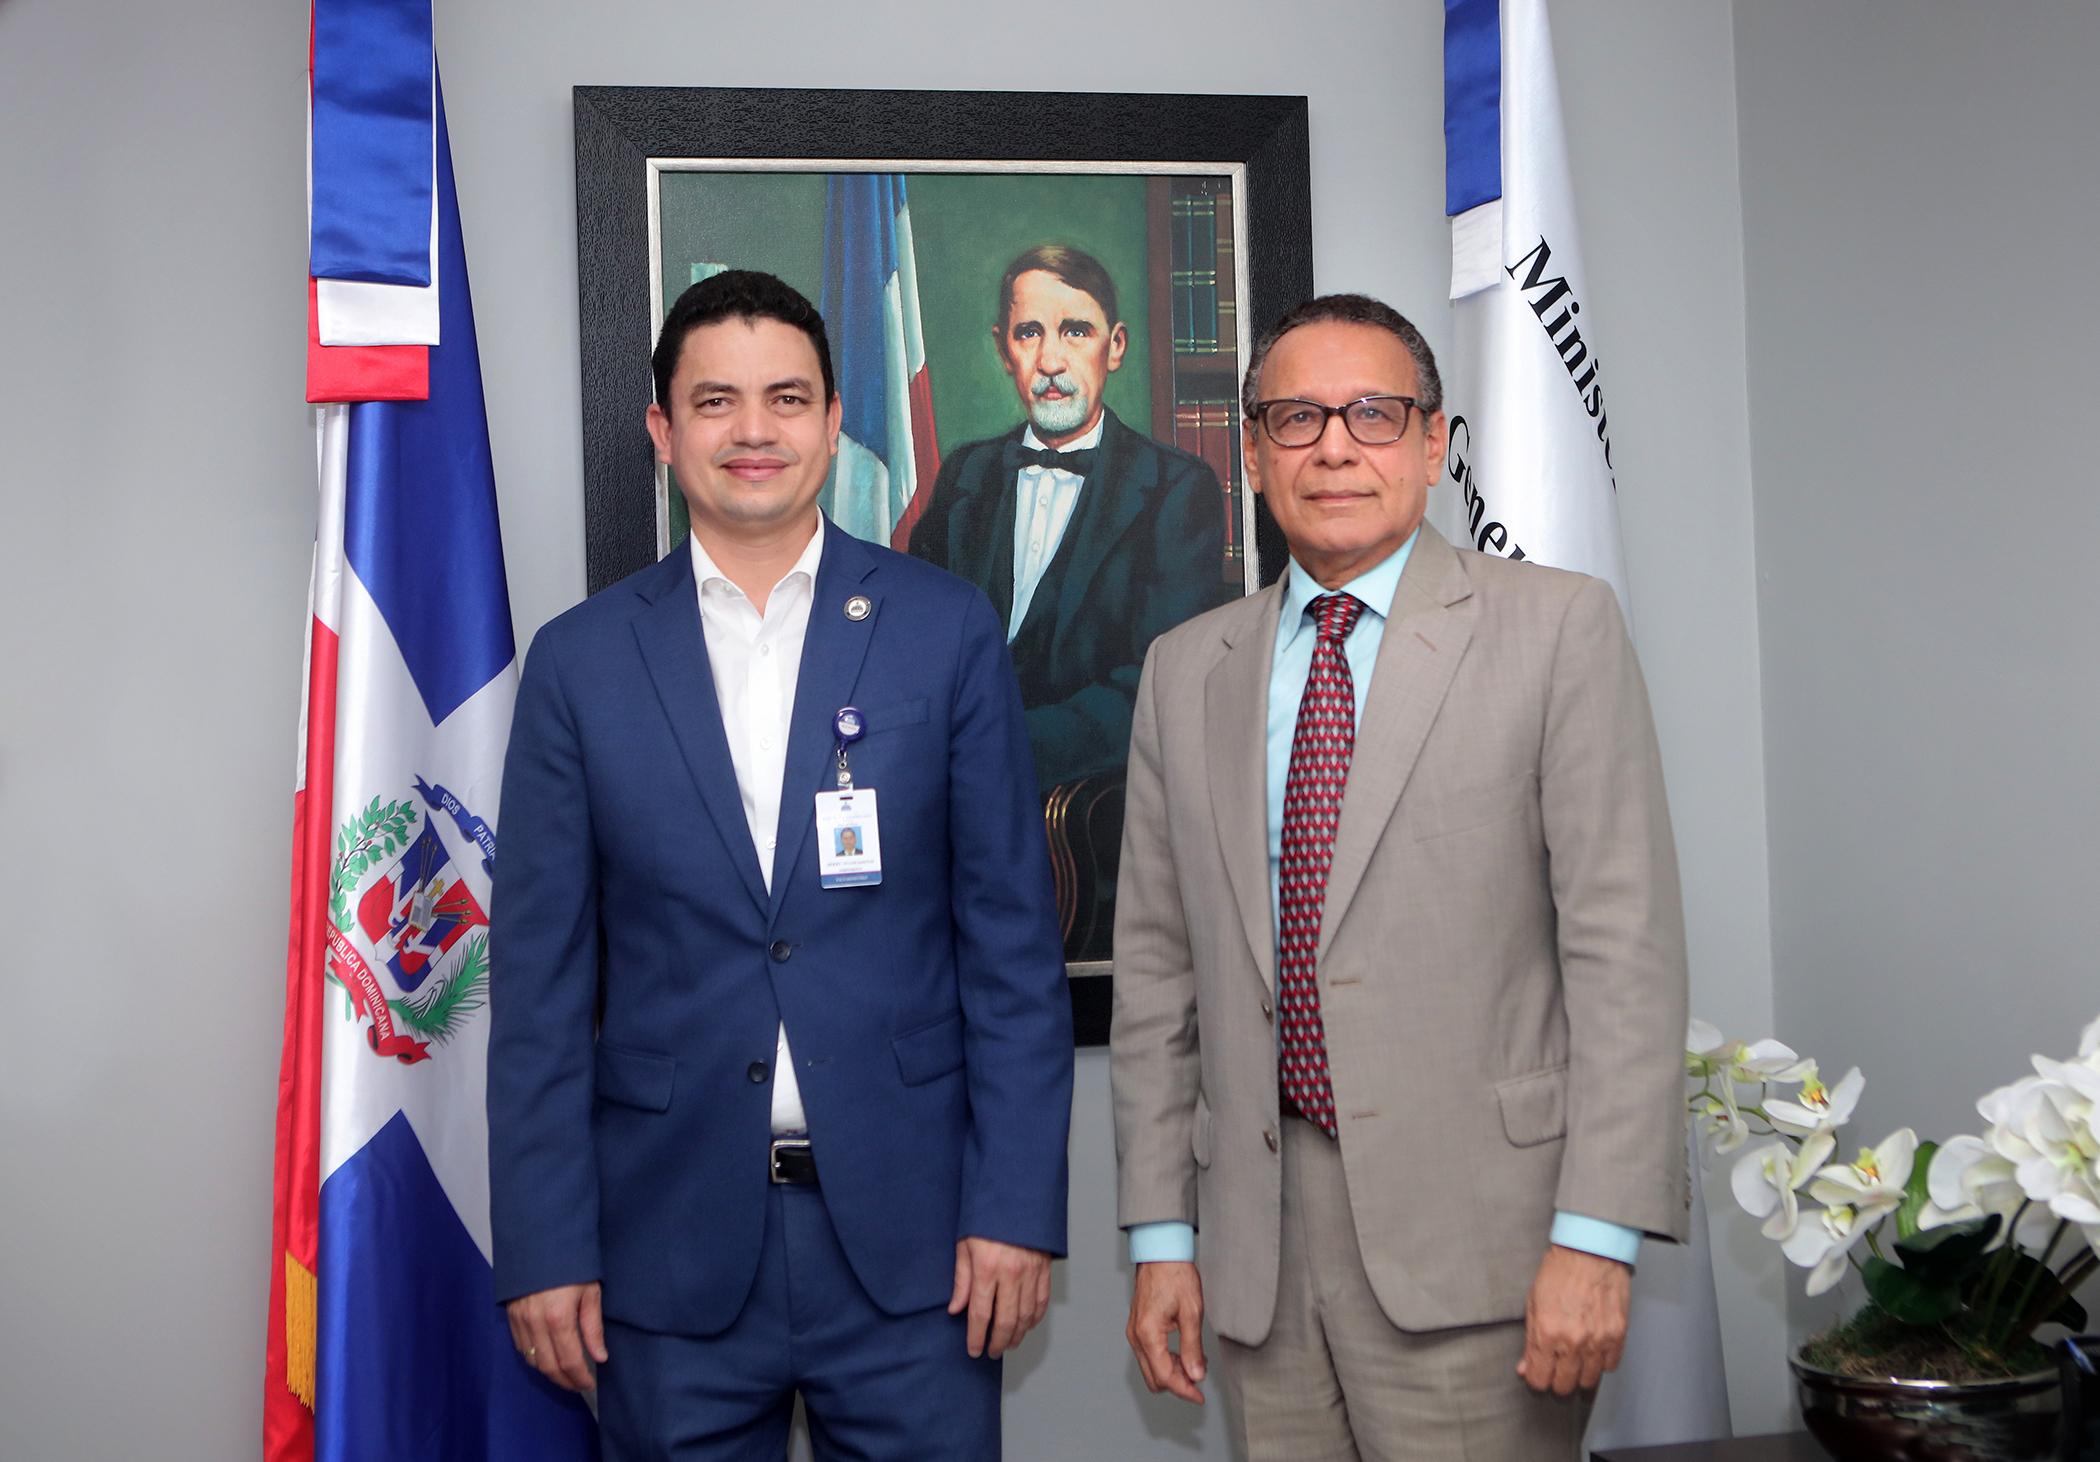 Derby De Los Santos, viceministro del Tesoro del Ministerio de Hacienda y Héctor Pérez Mirambeaux, director general de Catastro Nacional.